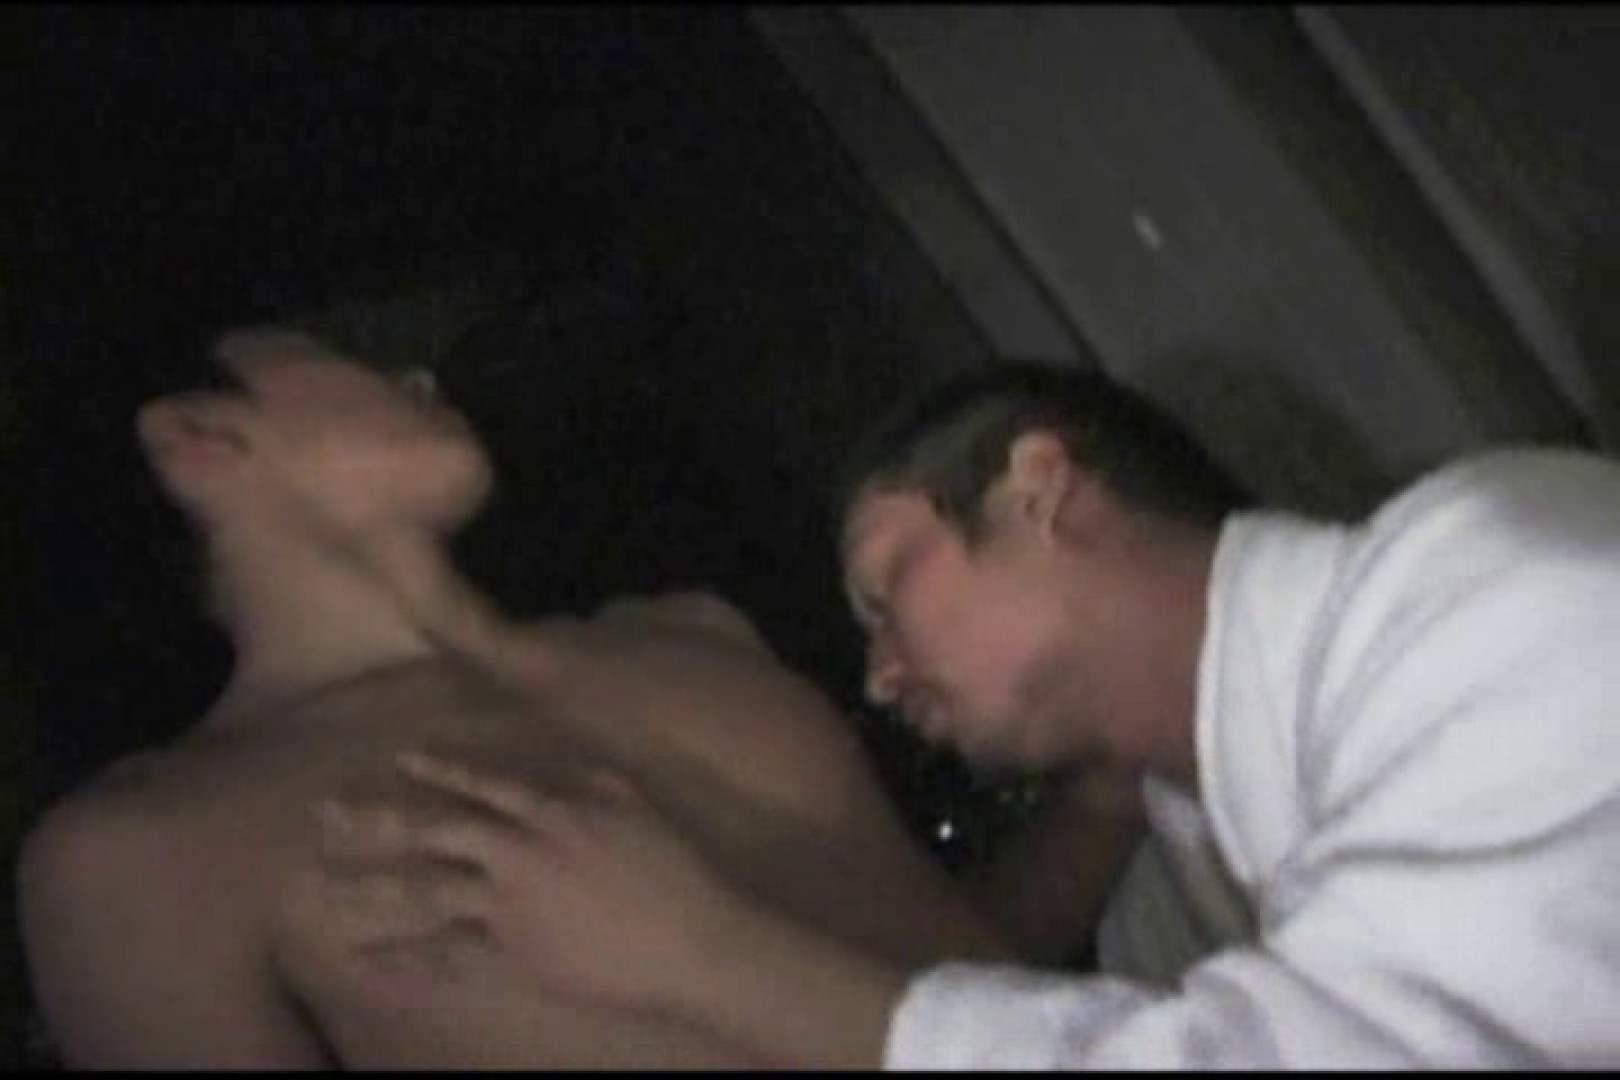 ホテルで密会!!夜景をバックに濃密ファック!! モザイク無し ゲイアダルト画像 78pic 21